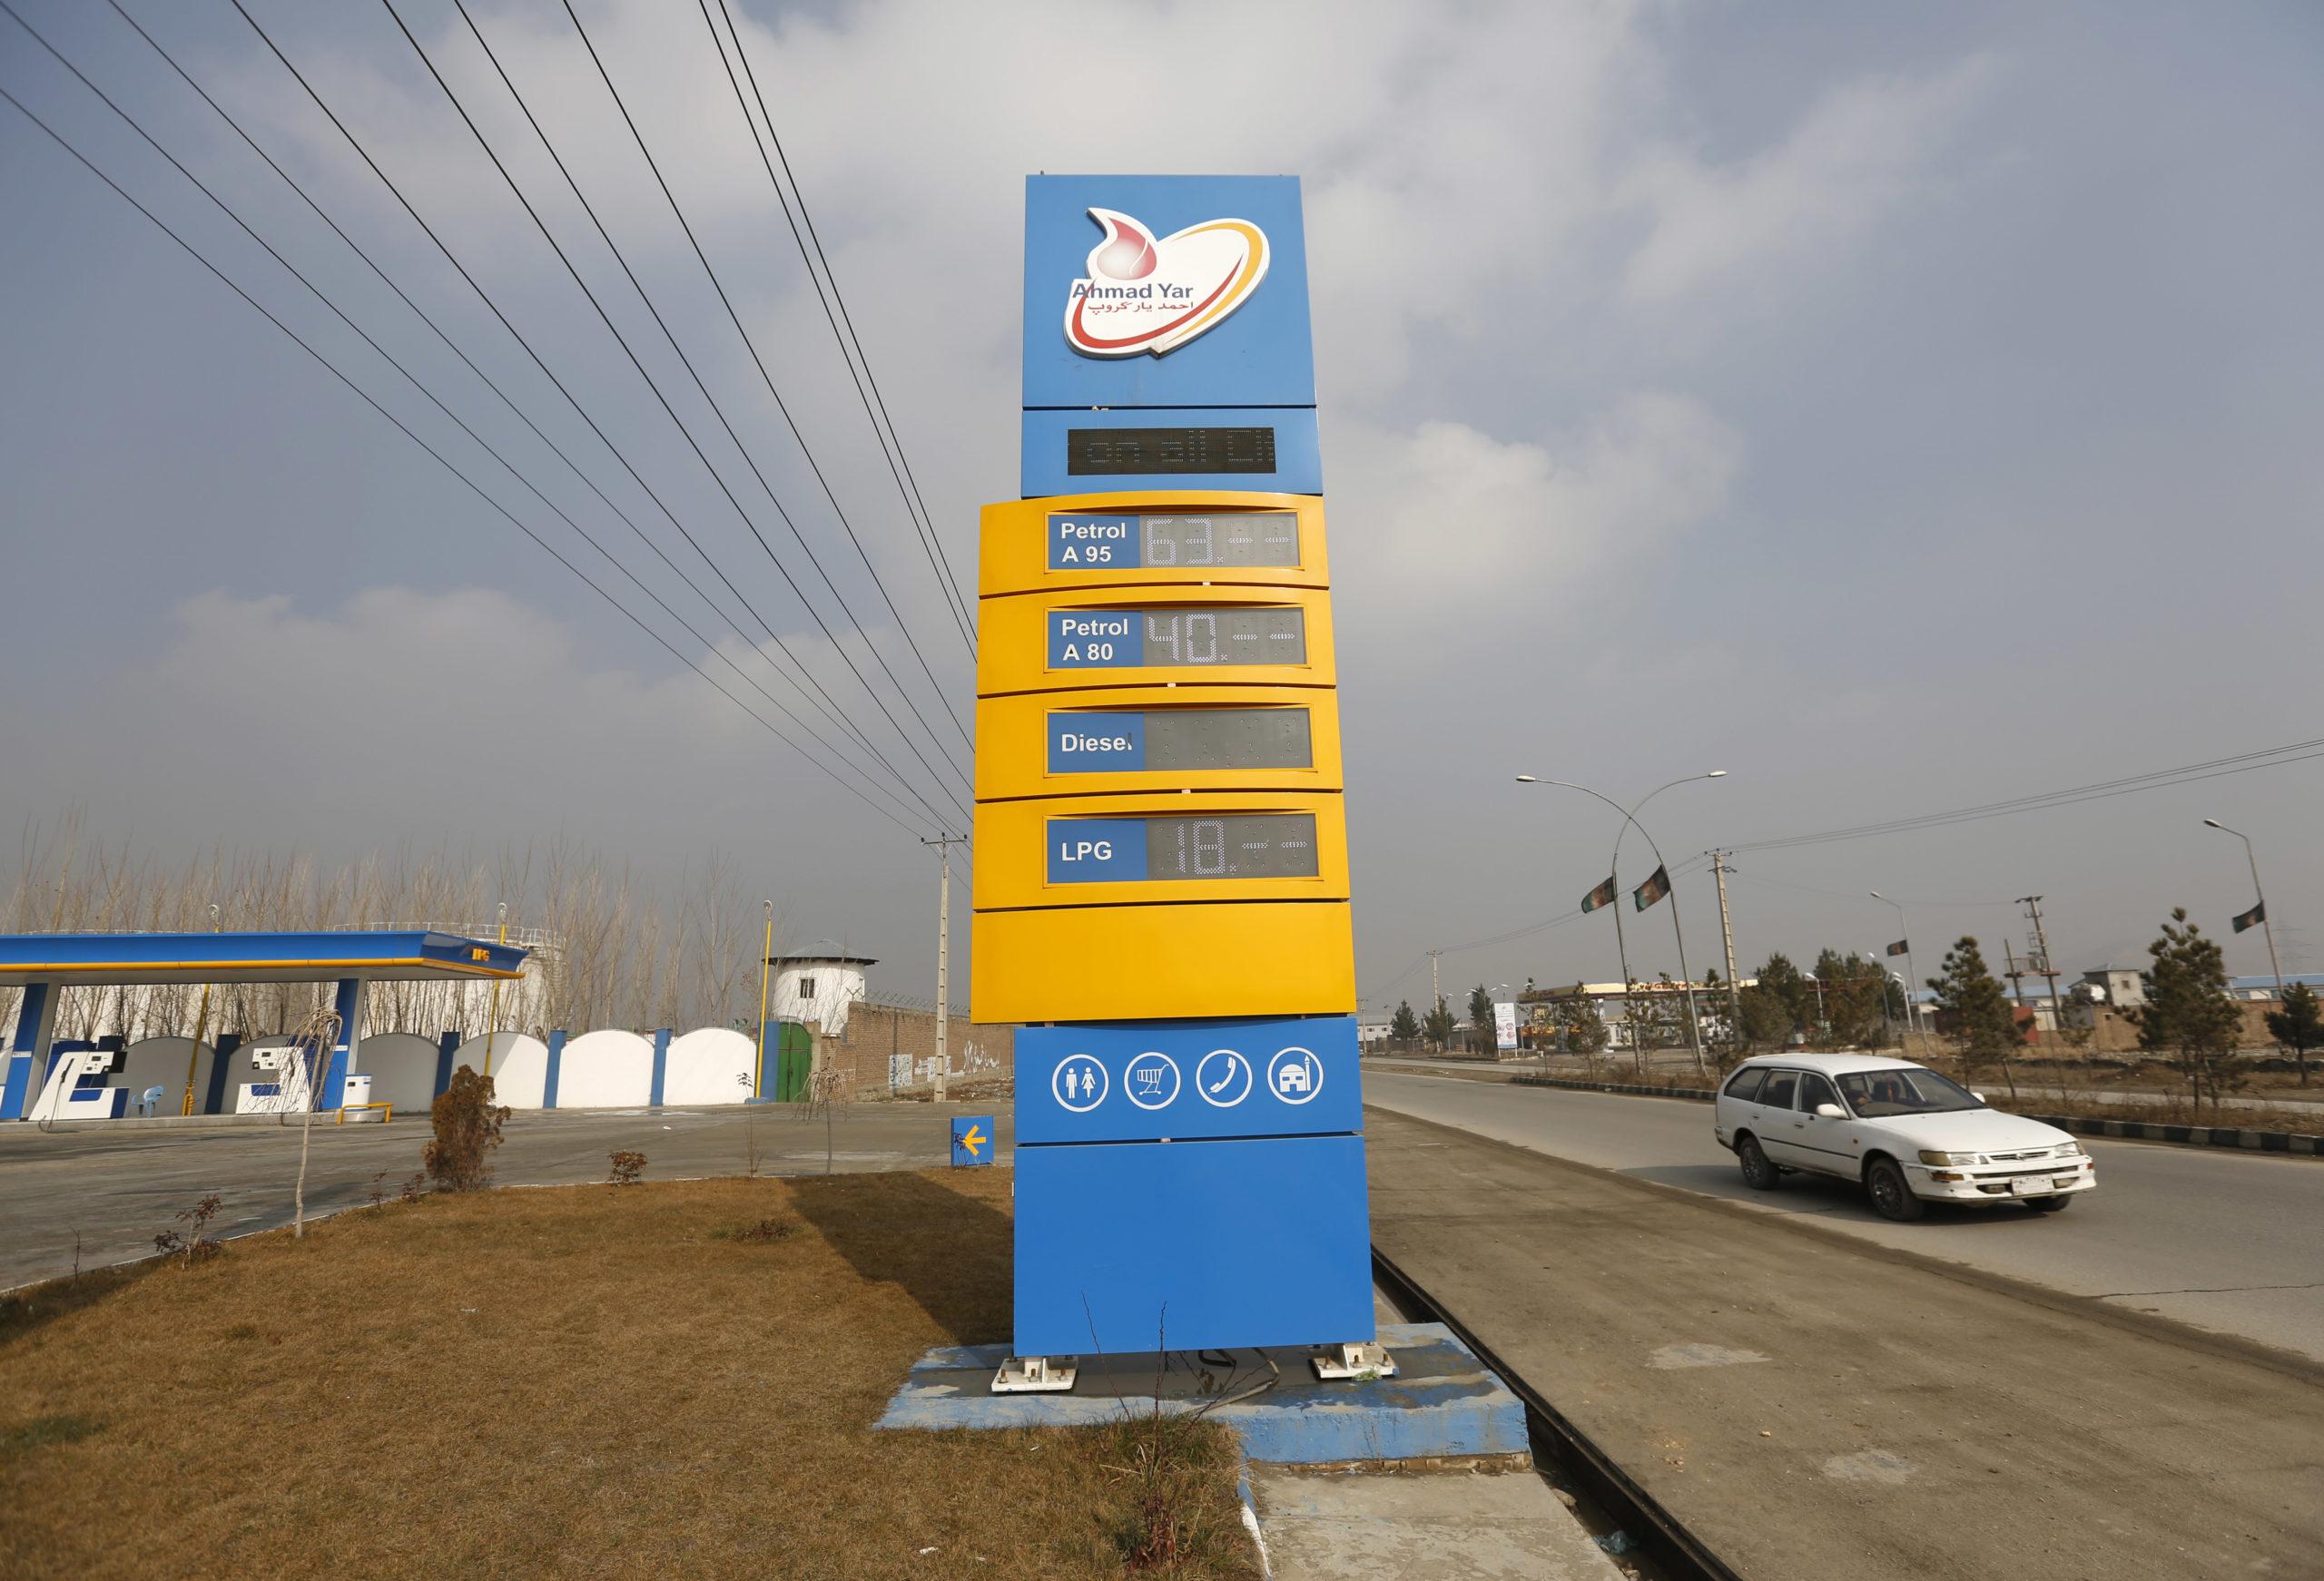 صادرات سوخت ایران به افغانستان به درخواست طالبان از سر گرفته می شود